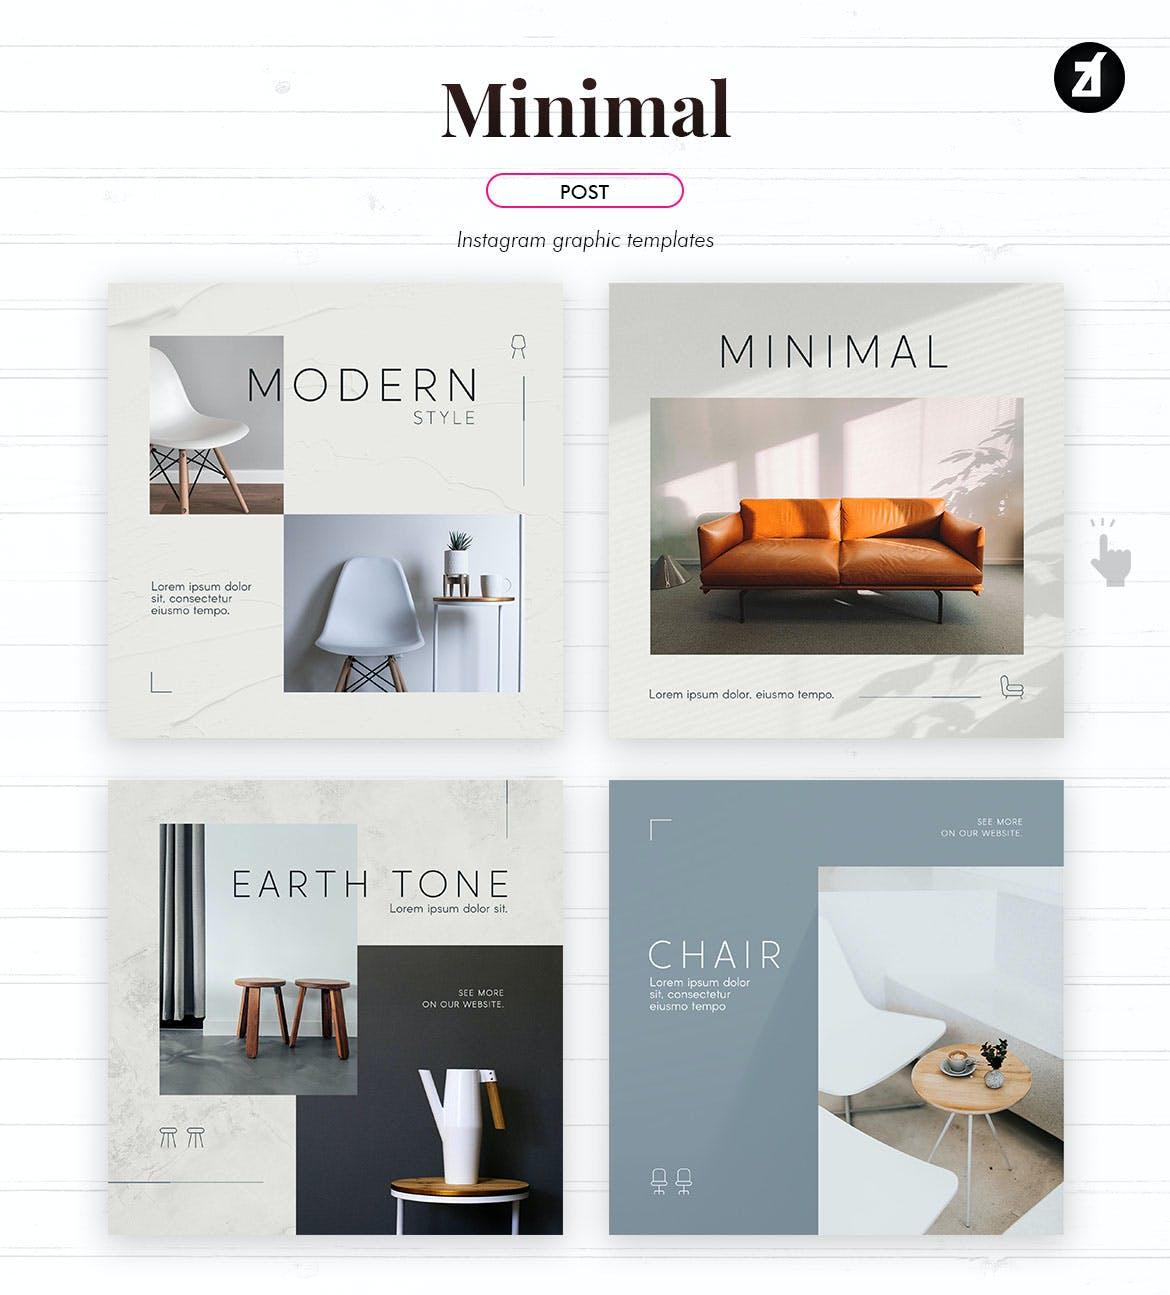 时尚家具设计作品集推广新媒体电商海报模板 Minimal Social Media Graphic Templates插图1